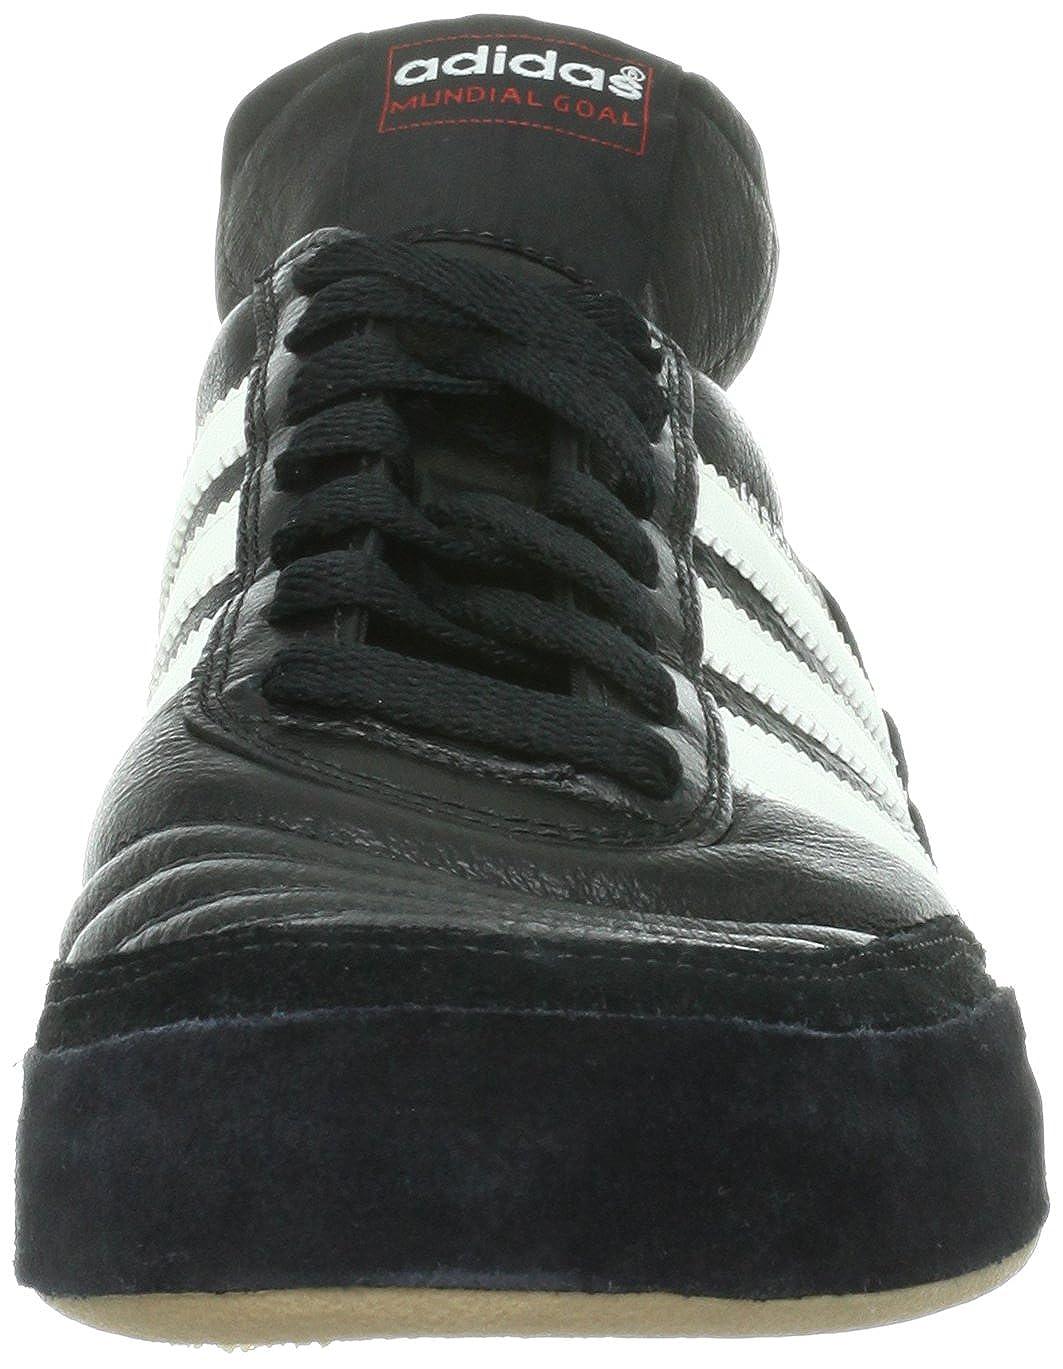 release date 5a12e 69c76 adidas Mundial Goal, Botas de fútbol para Hombre  Amazon.es  Zapatos y  complementos